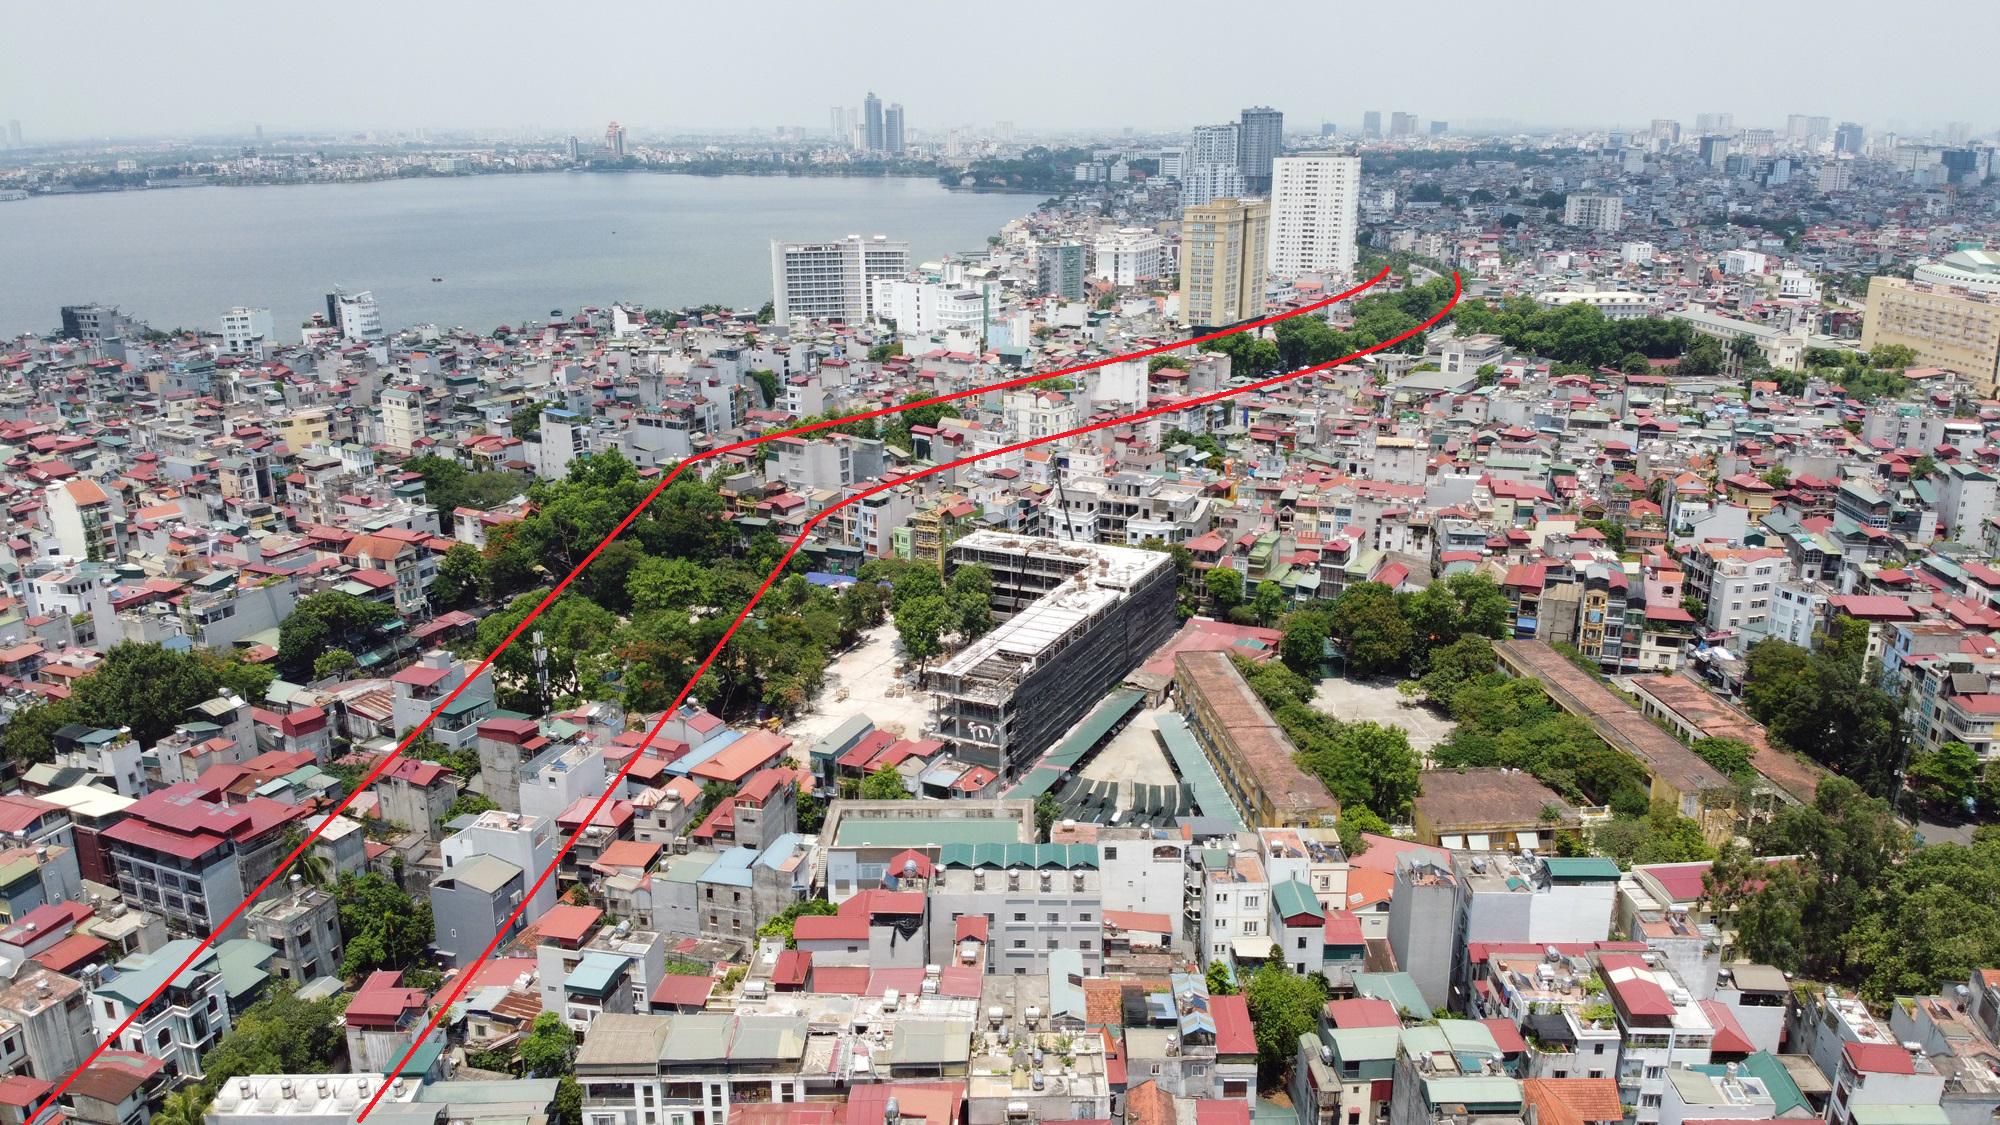 Đường sẽ mở theo qui hoạch ở Hà Nội: Toàn cảnh trục Hồ Tây - Ba Vì đến Vành đai 4 - Ảnh 3.